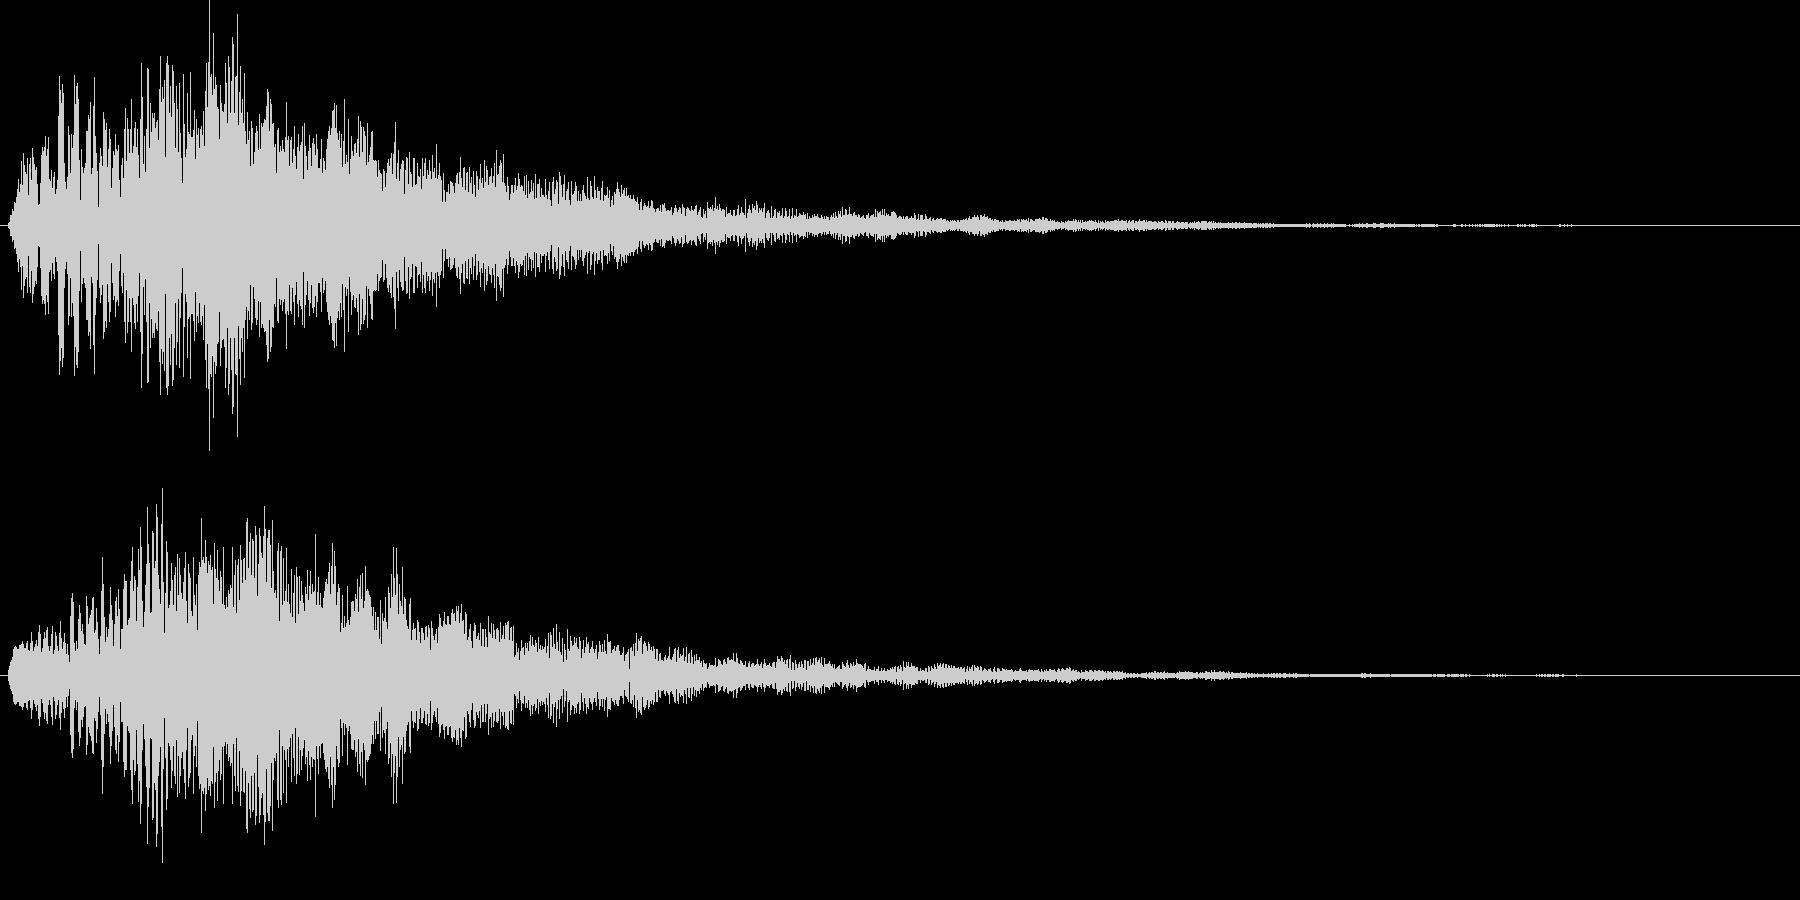 やわらかめ上昇音 チャララン キラキラの未再生の波形